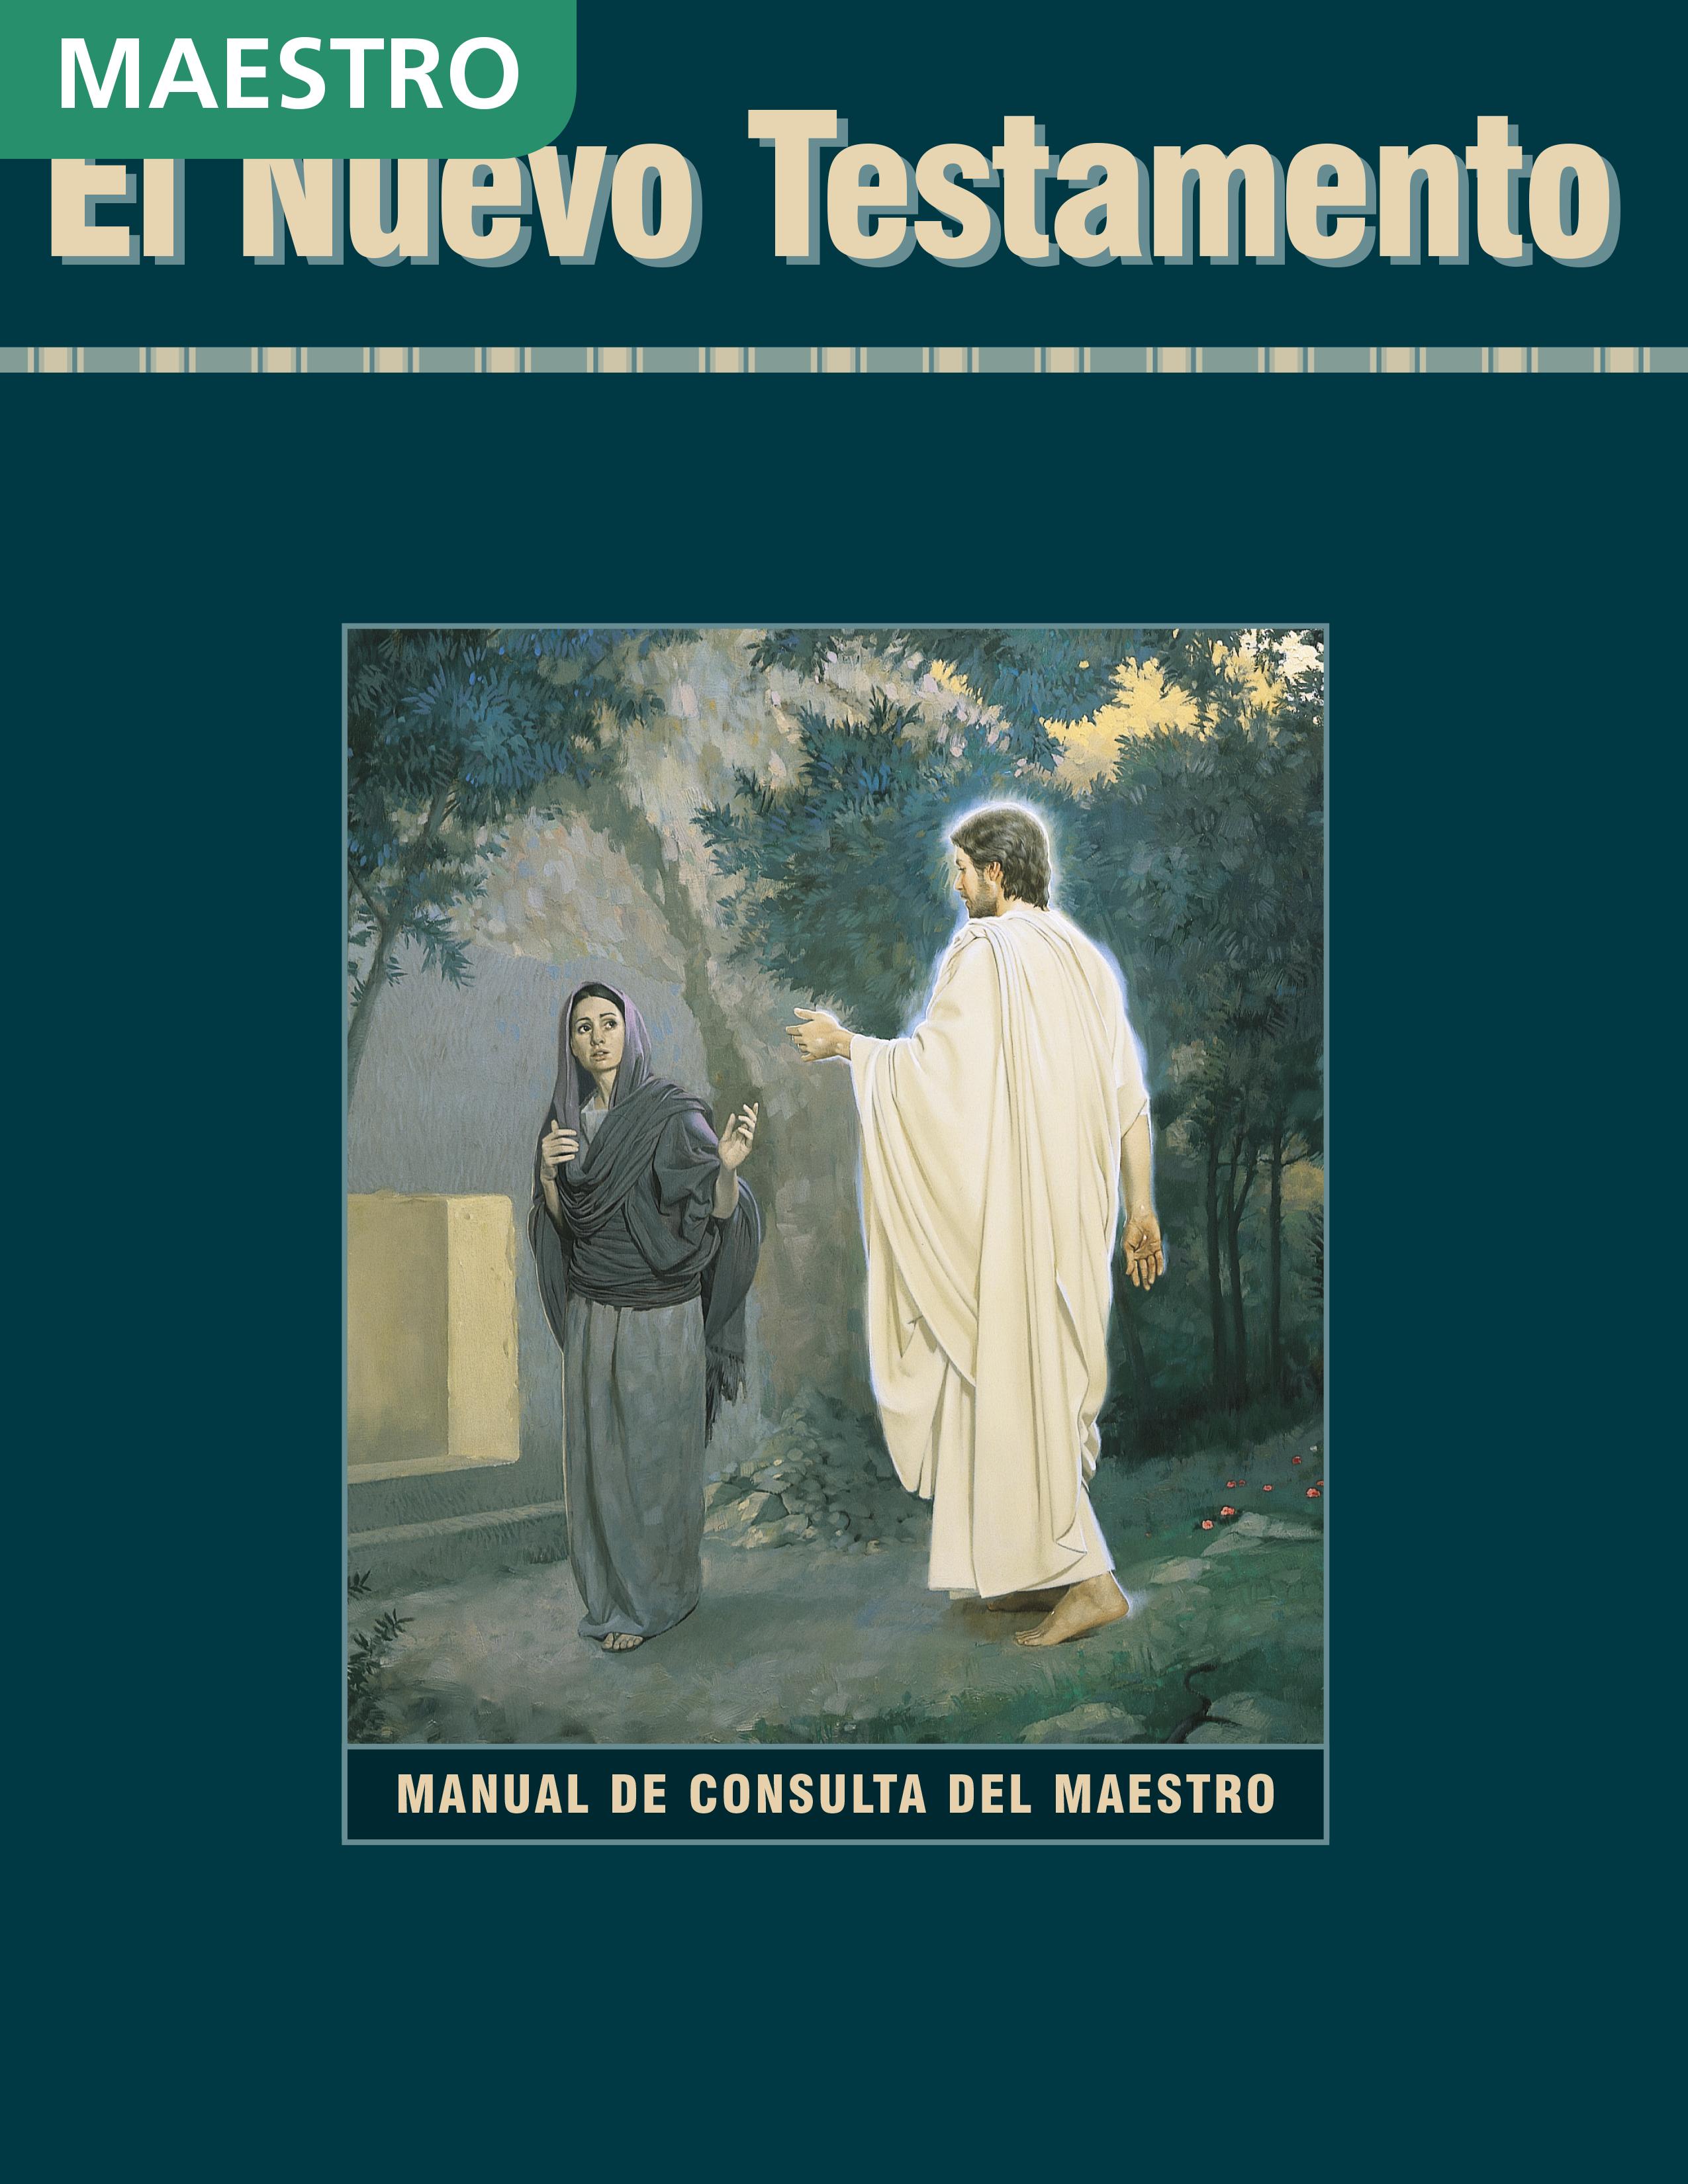 El Nuevo Testamento: Manual de consulta del maestro de Seminario